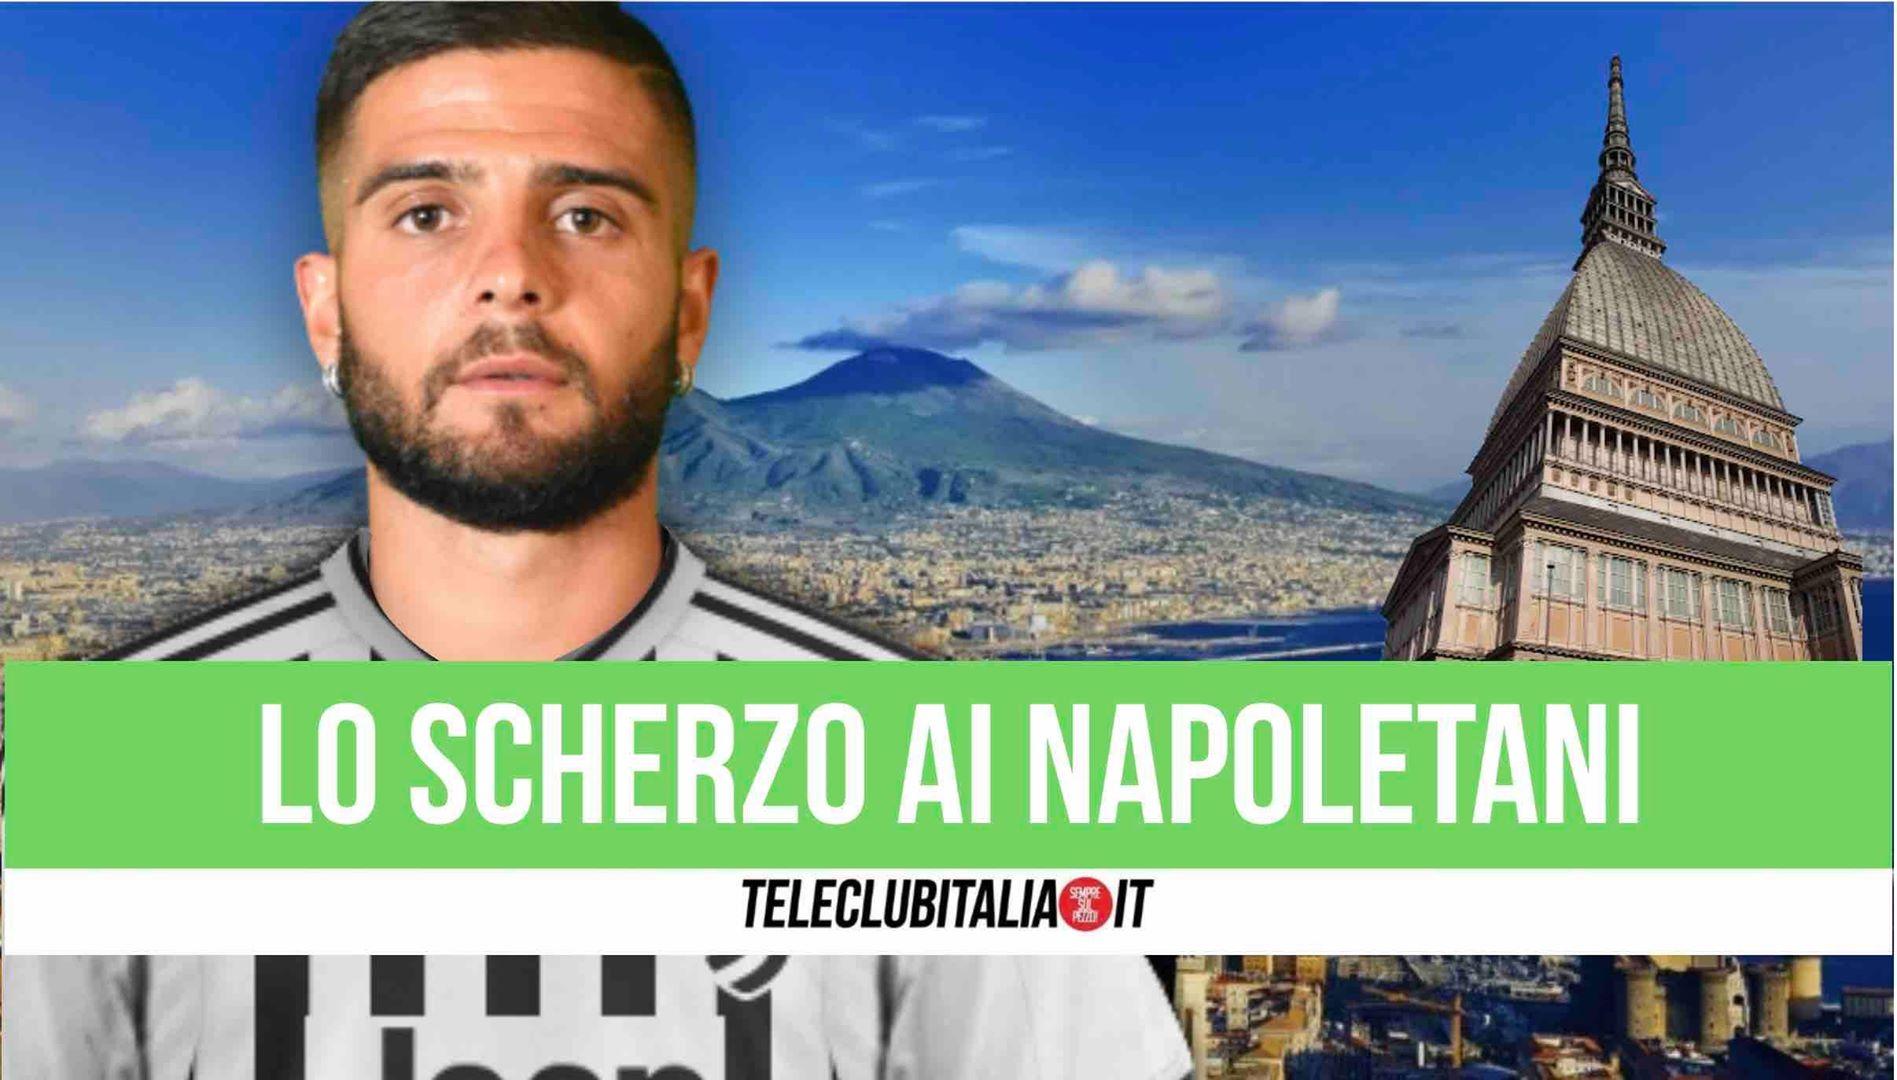 Insigne alla Juventus, lo scherzo ai tifosi napoletani